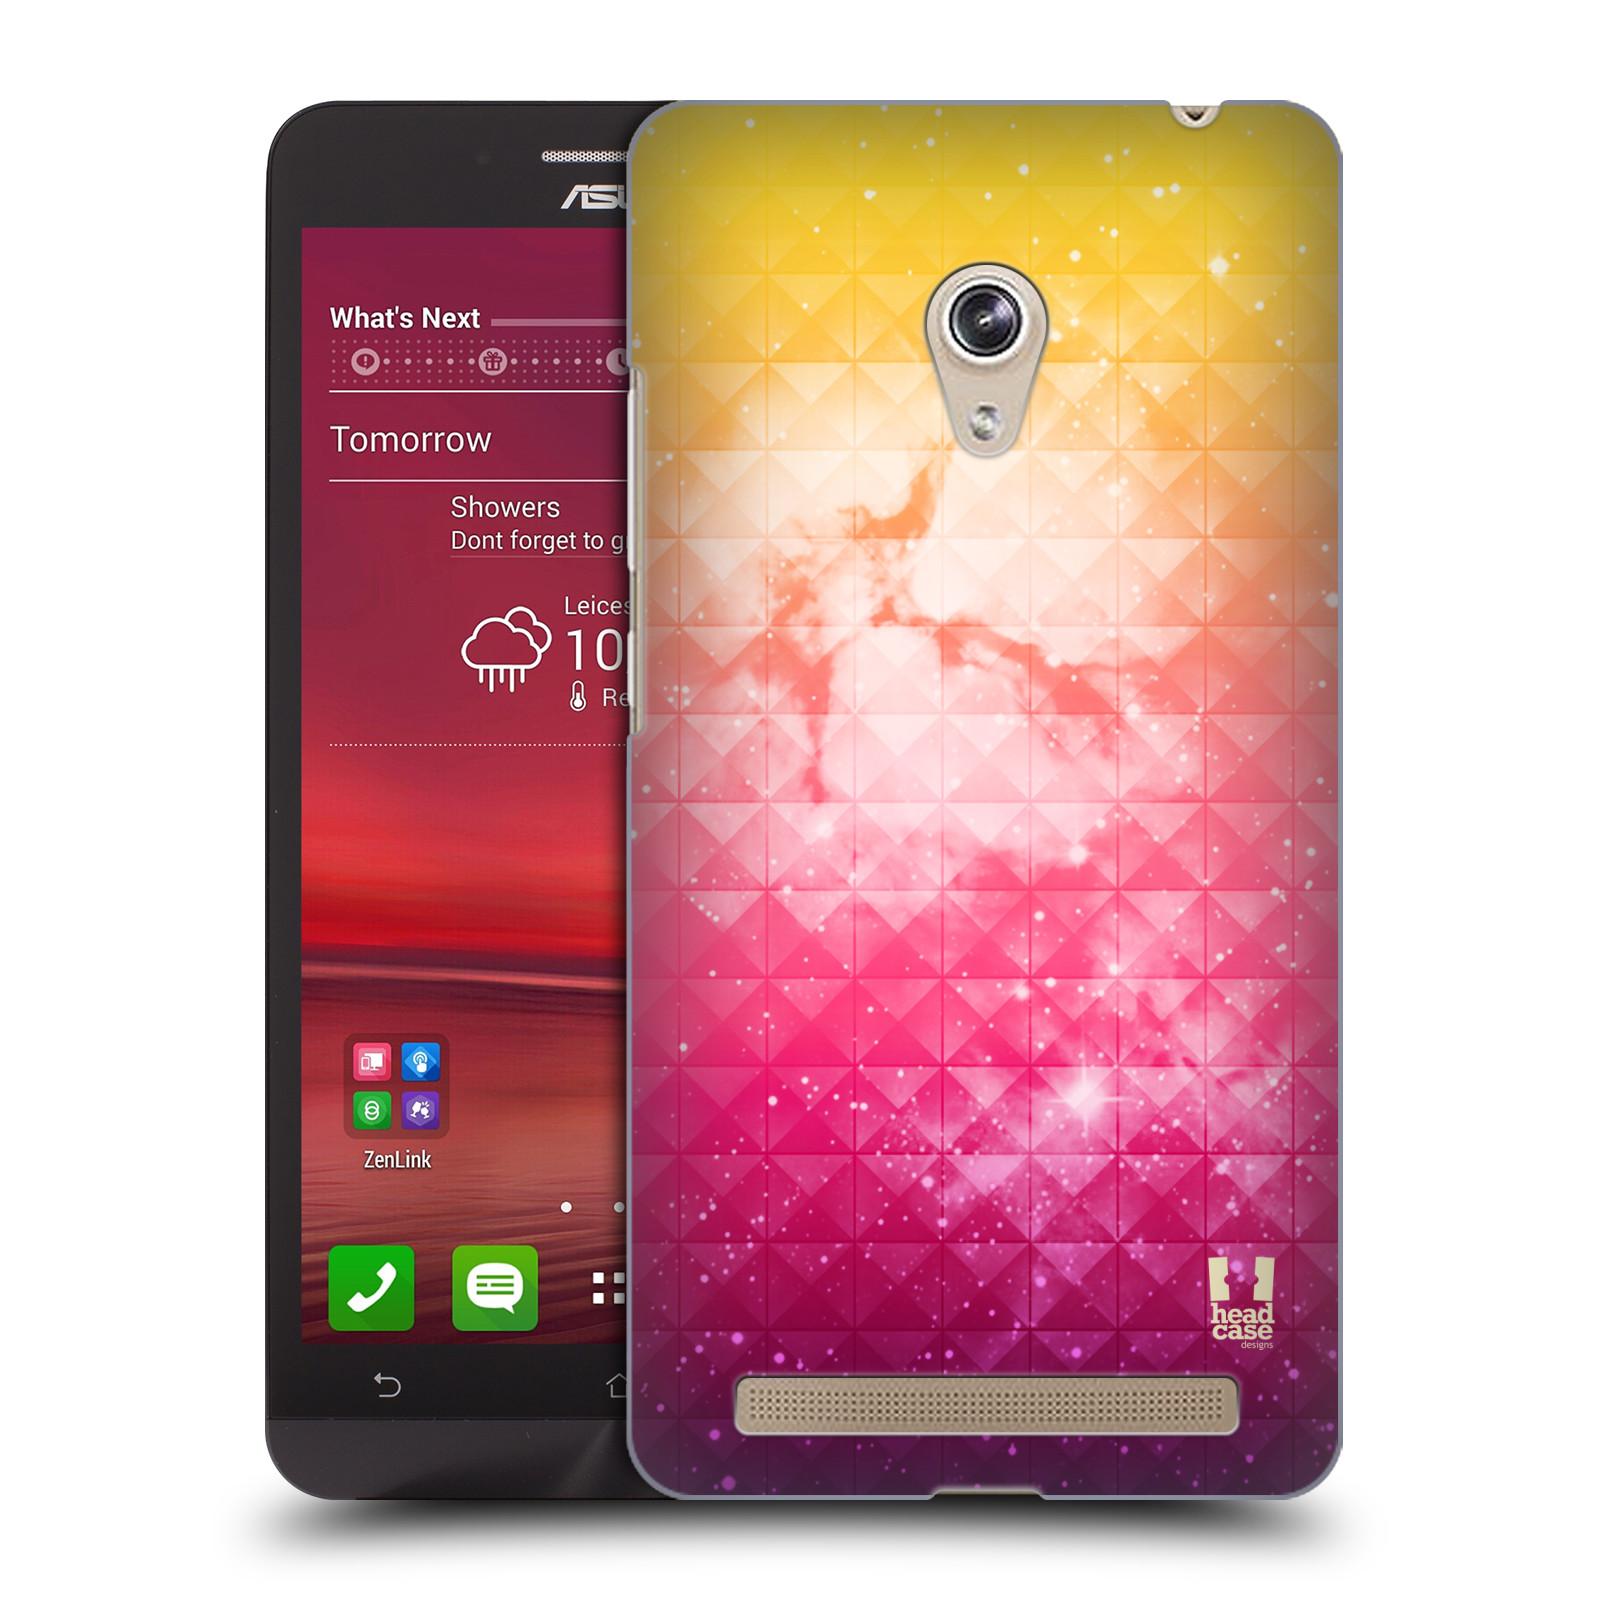 HEAD CASE plastový obal na mobil Asus Zenfone 6 vzor Hvězdná obloha hvězdy a slunce ŽLUTÁ A RŮŽOVÁ